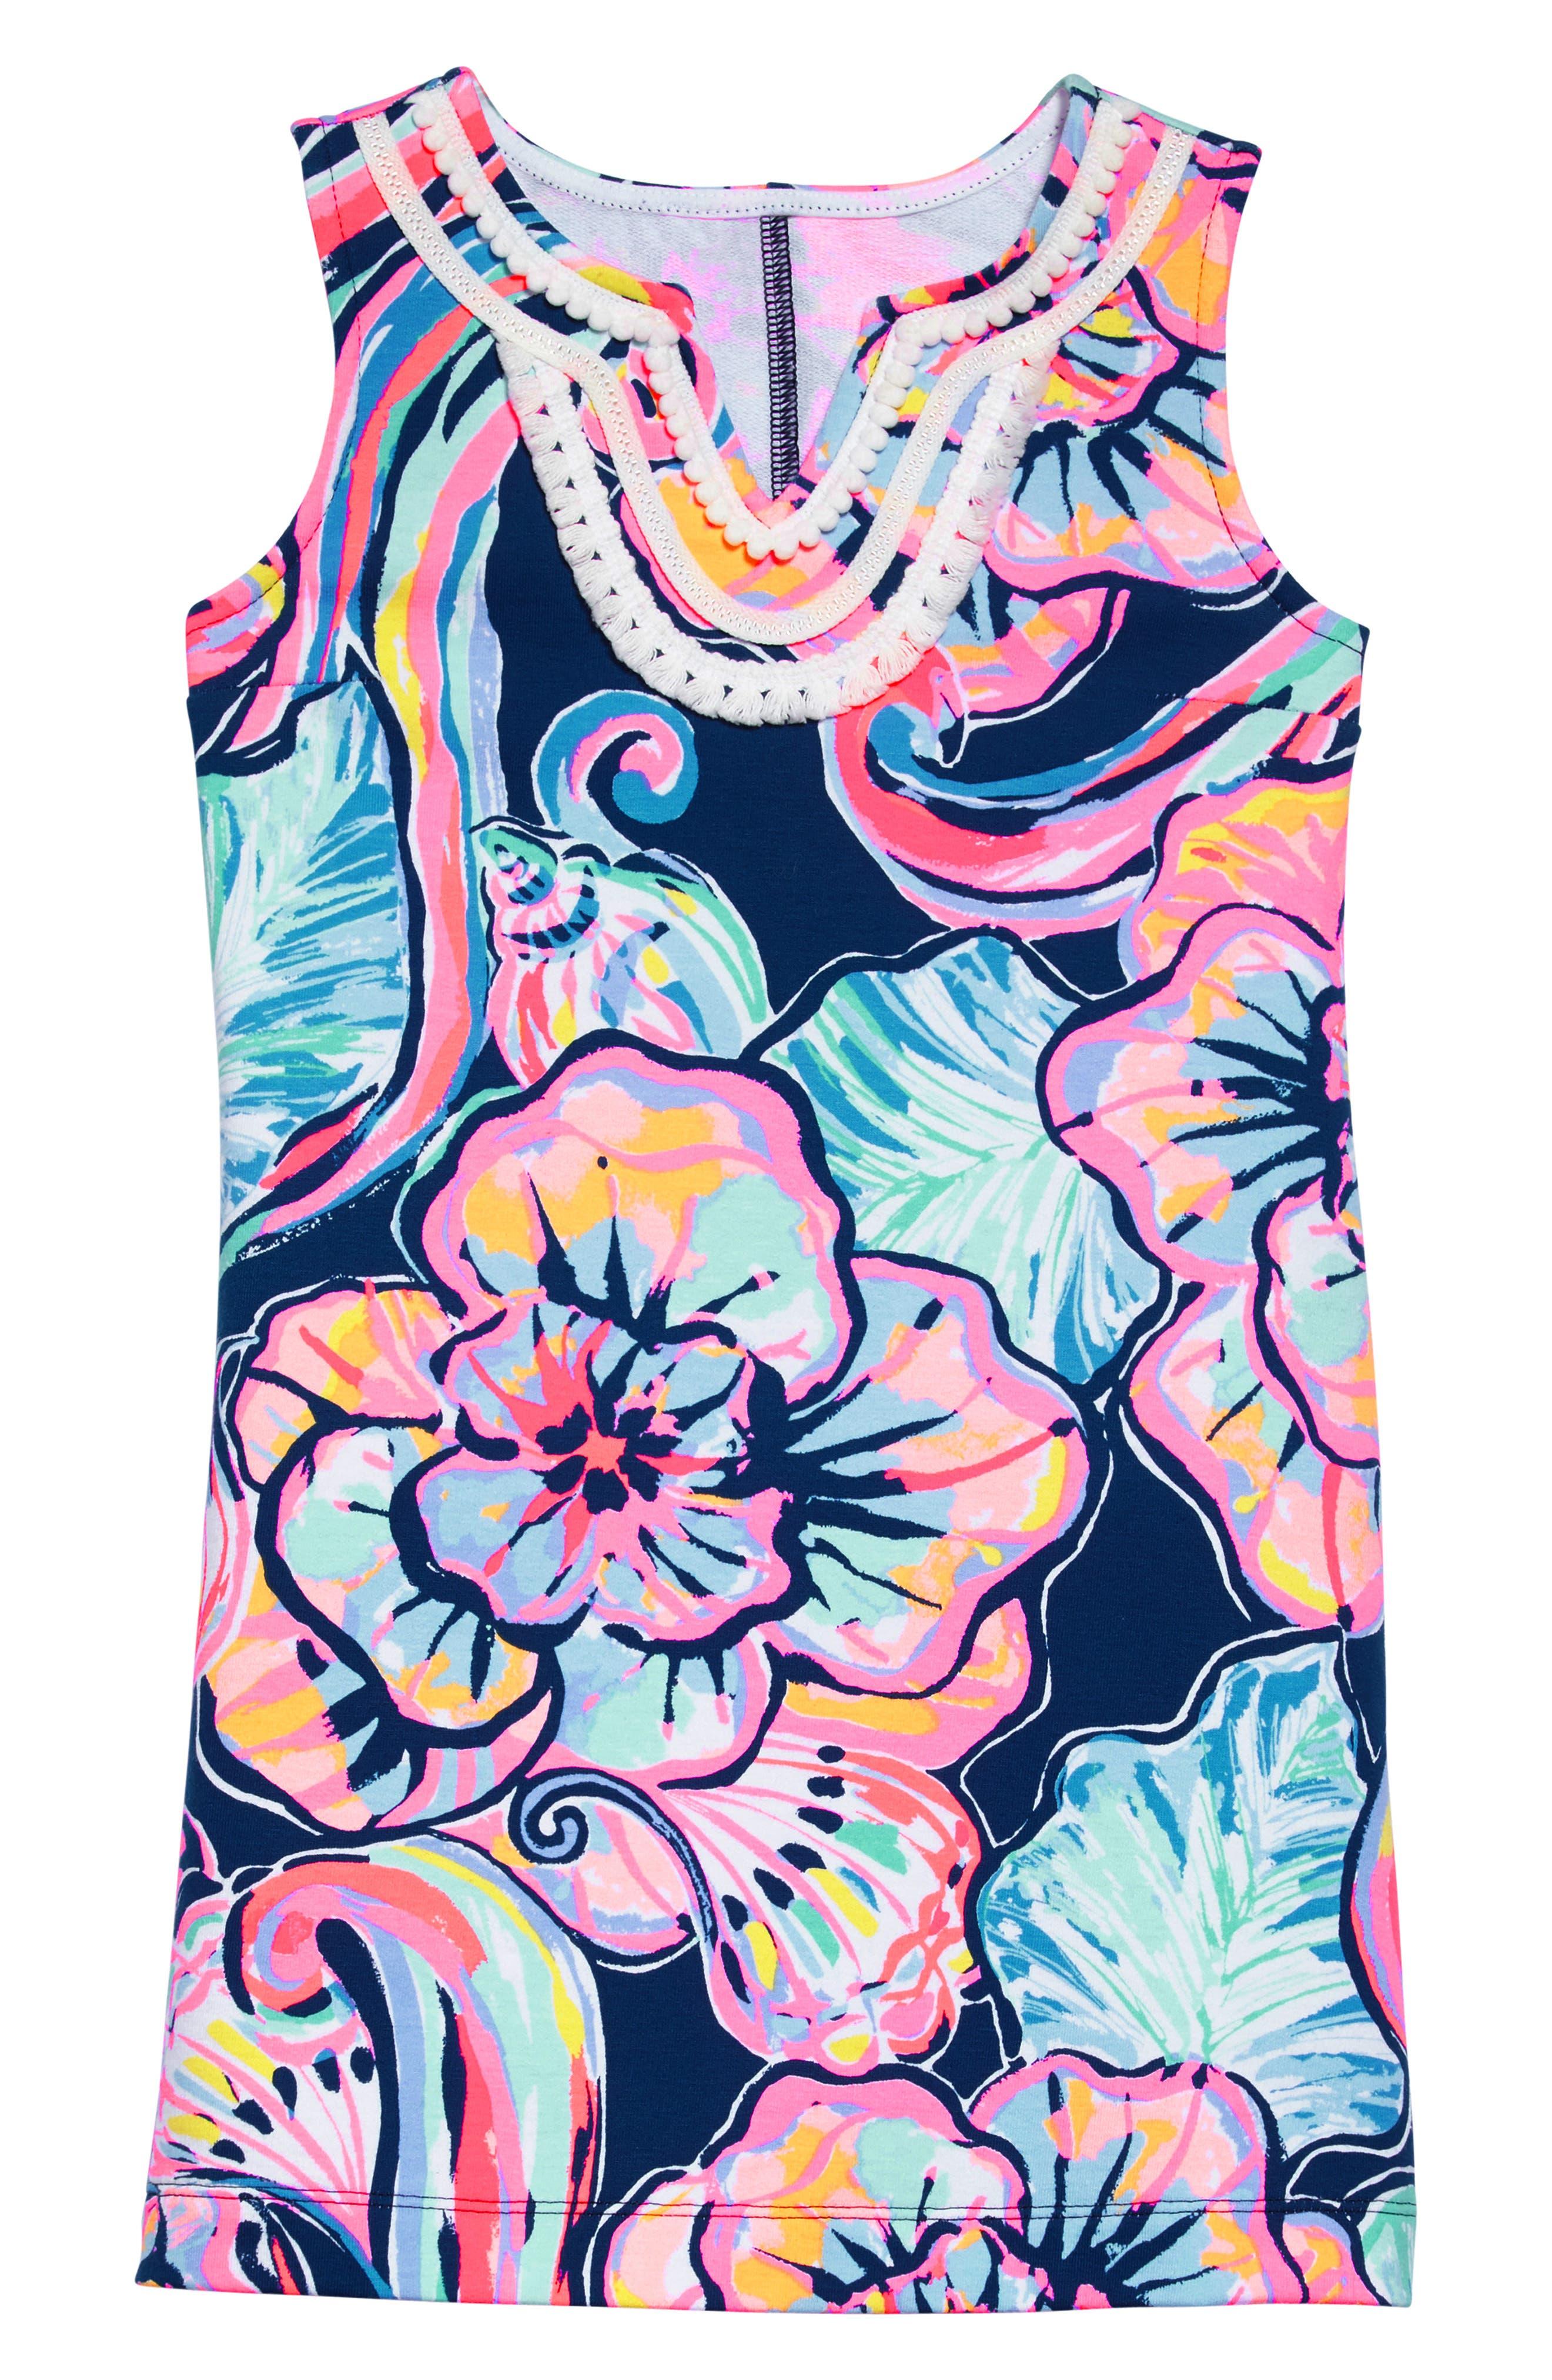 Mini Harper Shift Dress,                             Main thumbnail 1, color,                             475